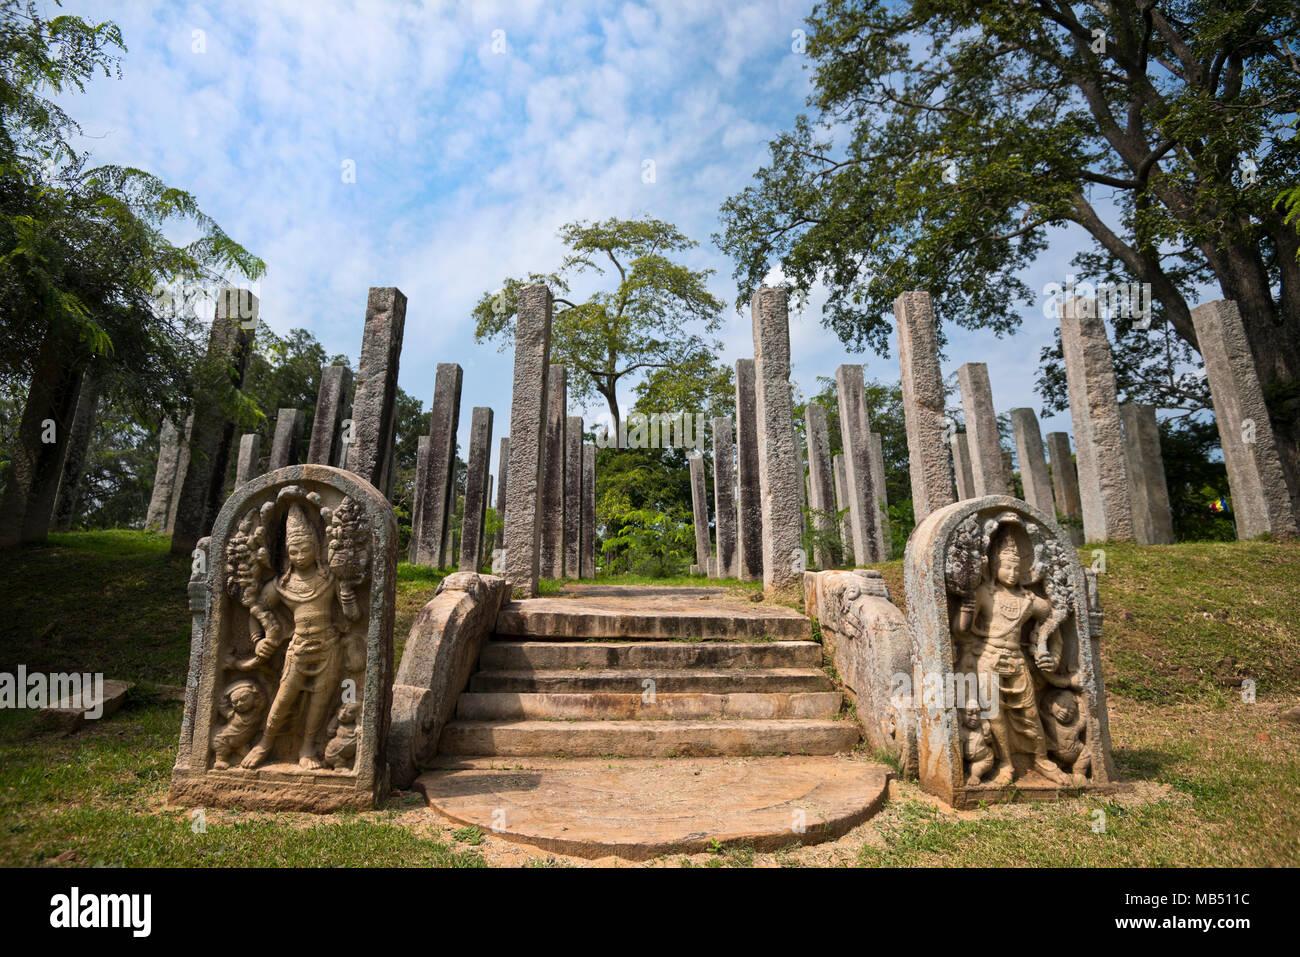 Horizontal view of Thuparamaya Bodhigara in Anuradhapura, Sri Lanka. - Stock Image